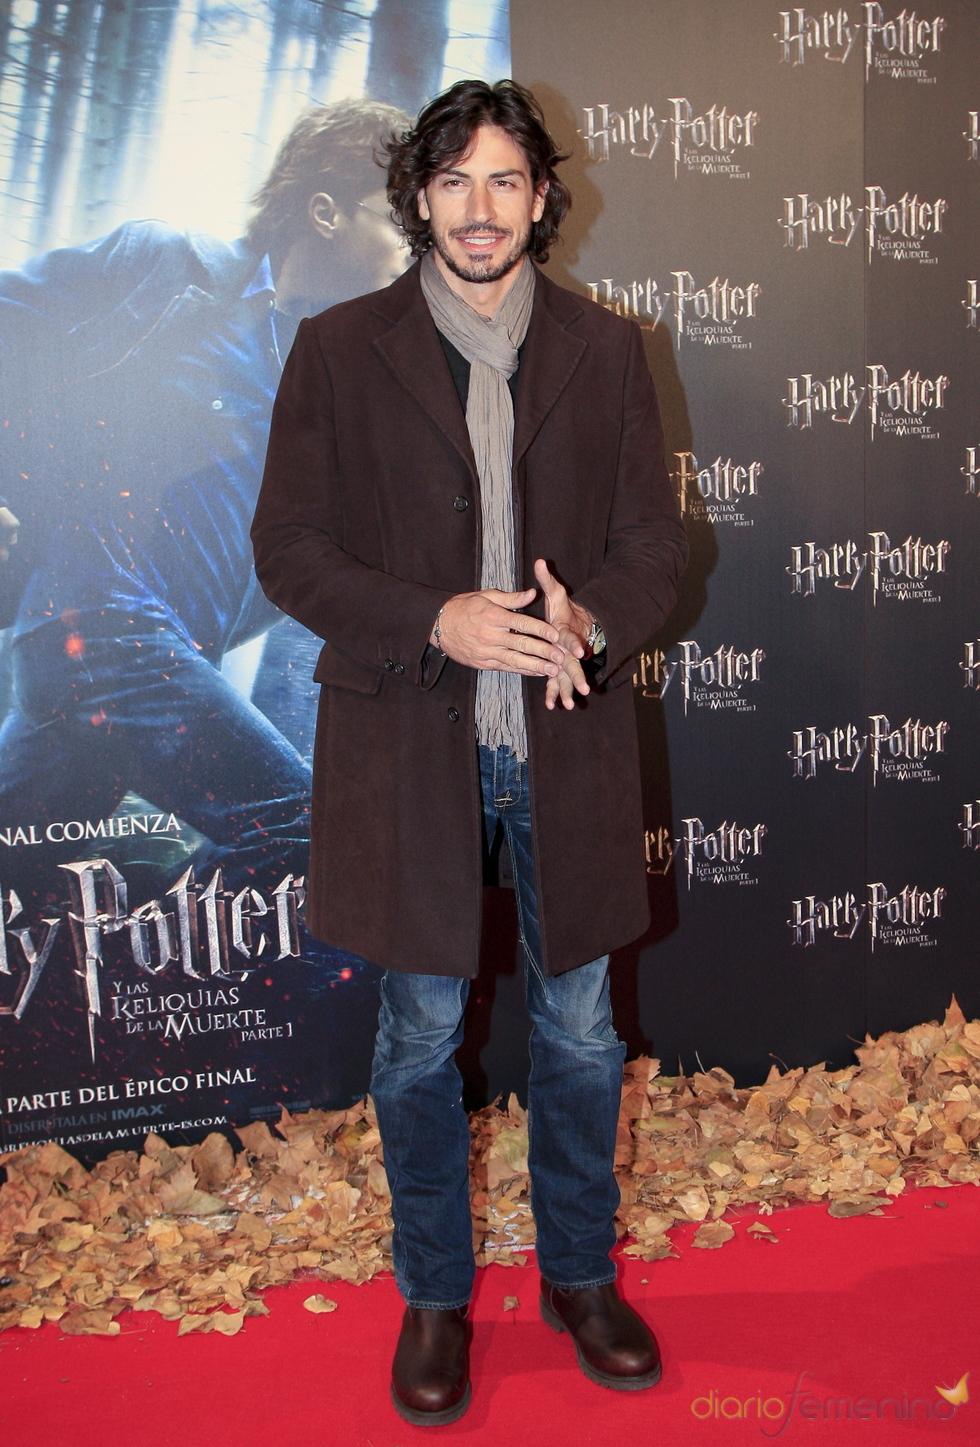 Pablo Martín en el estreno de 'Harry Potter y las reliquias de la muerte'